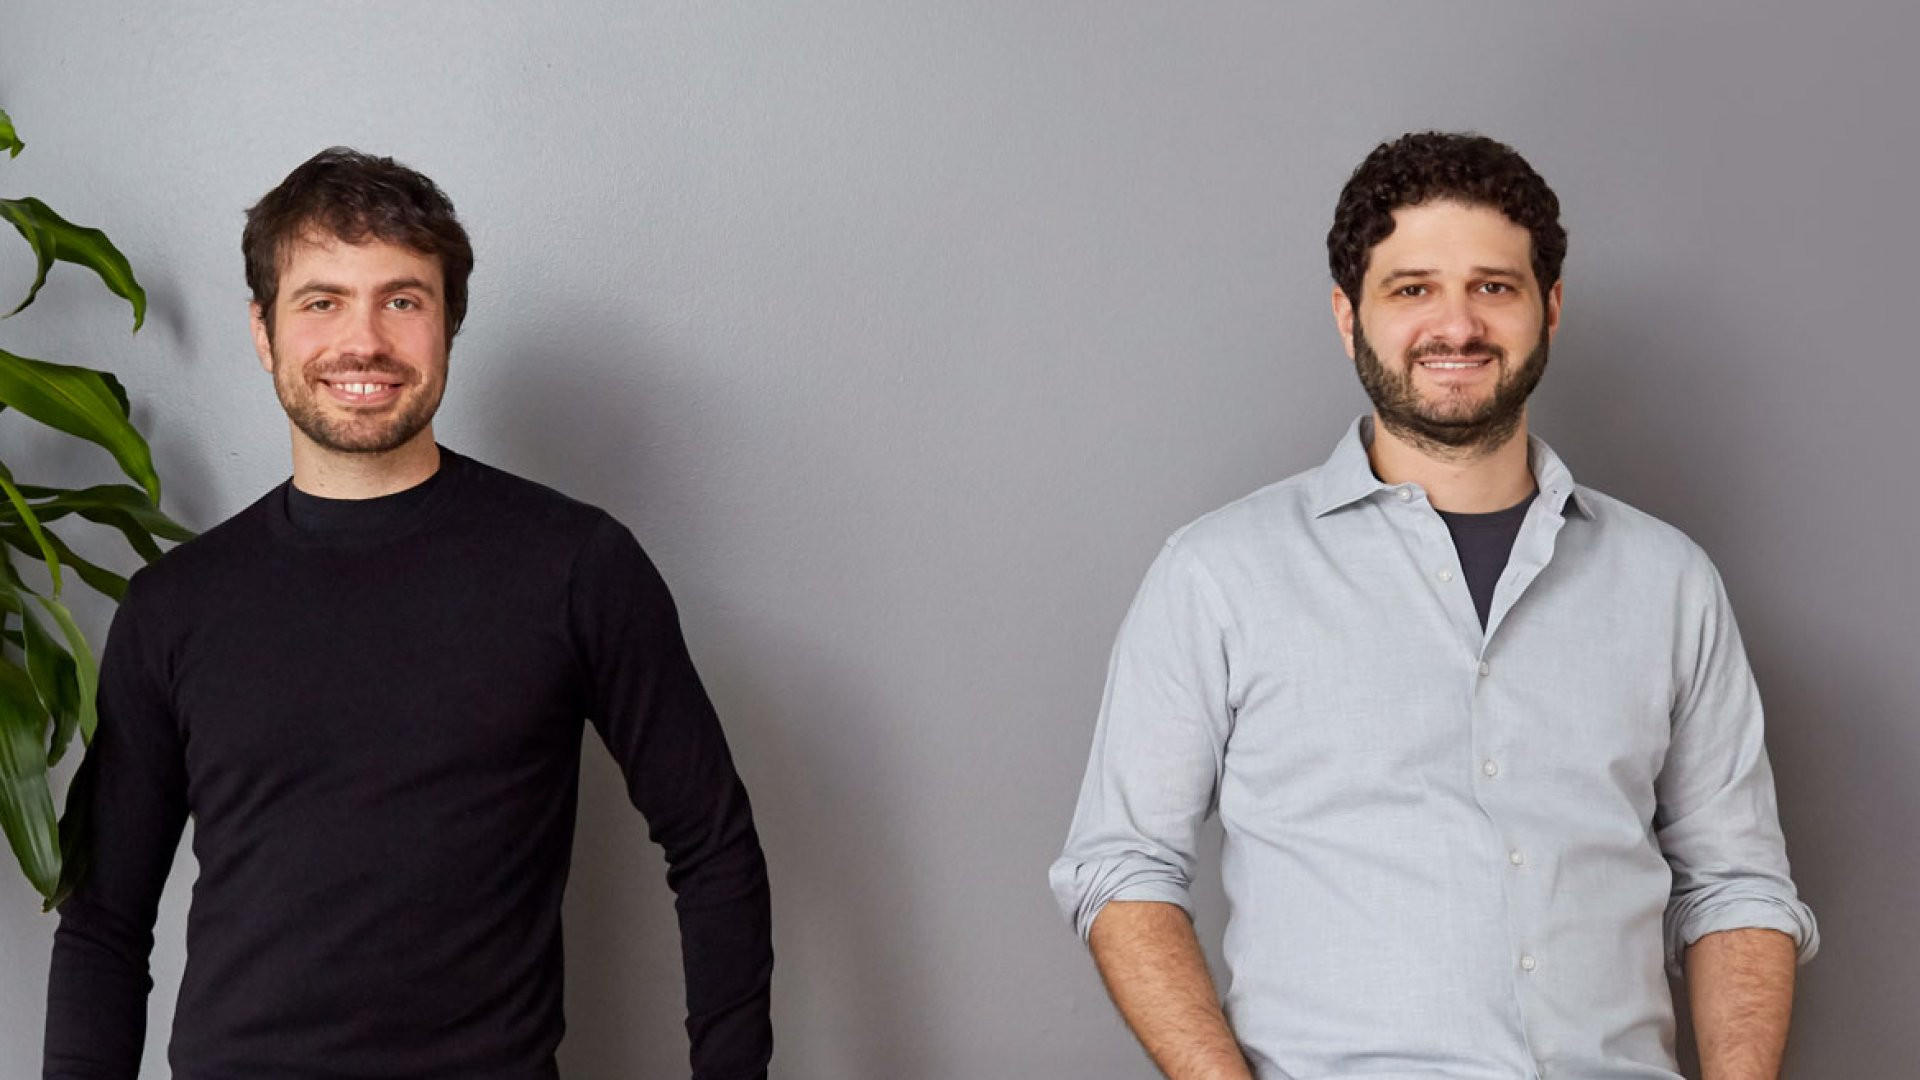 Asana co-founders Justin Rosenstein (left) and Dustin Moskovitz.